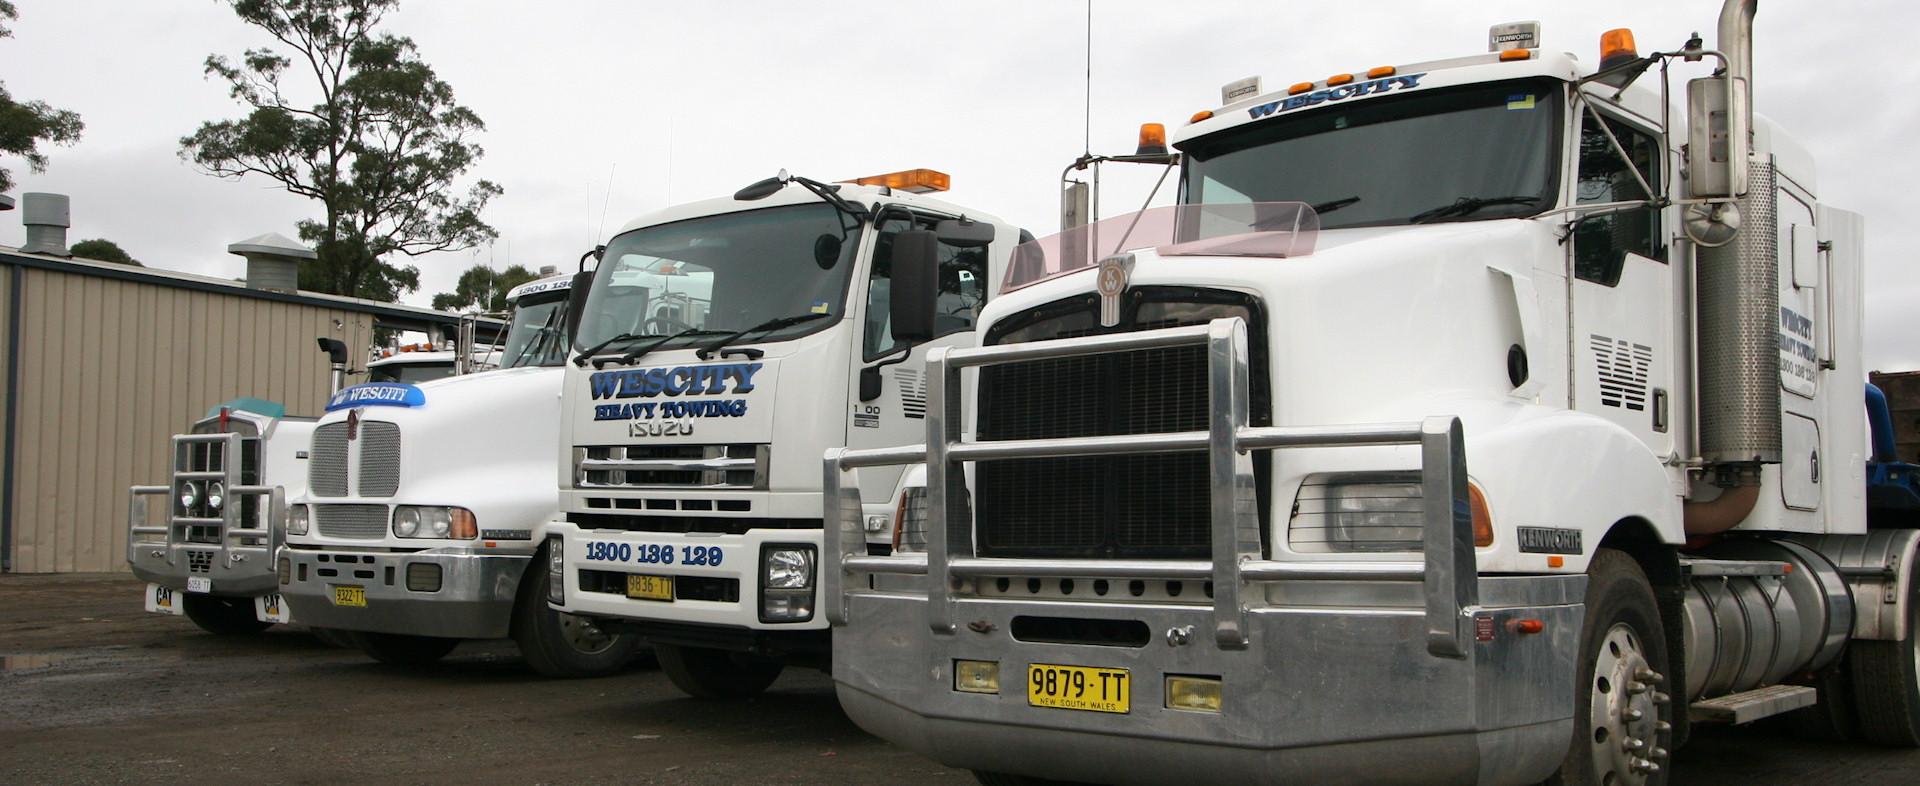 truck-fleet21